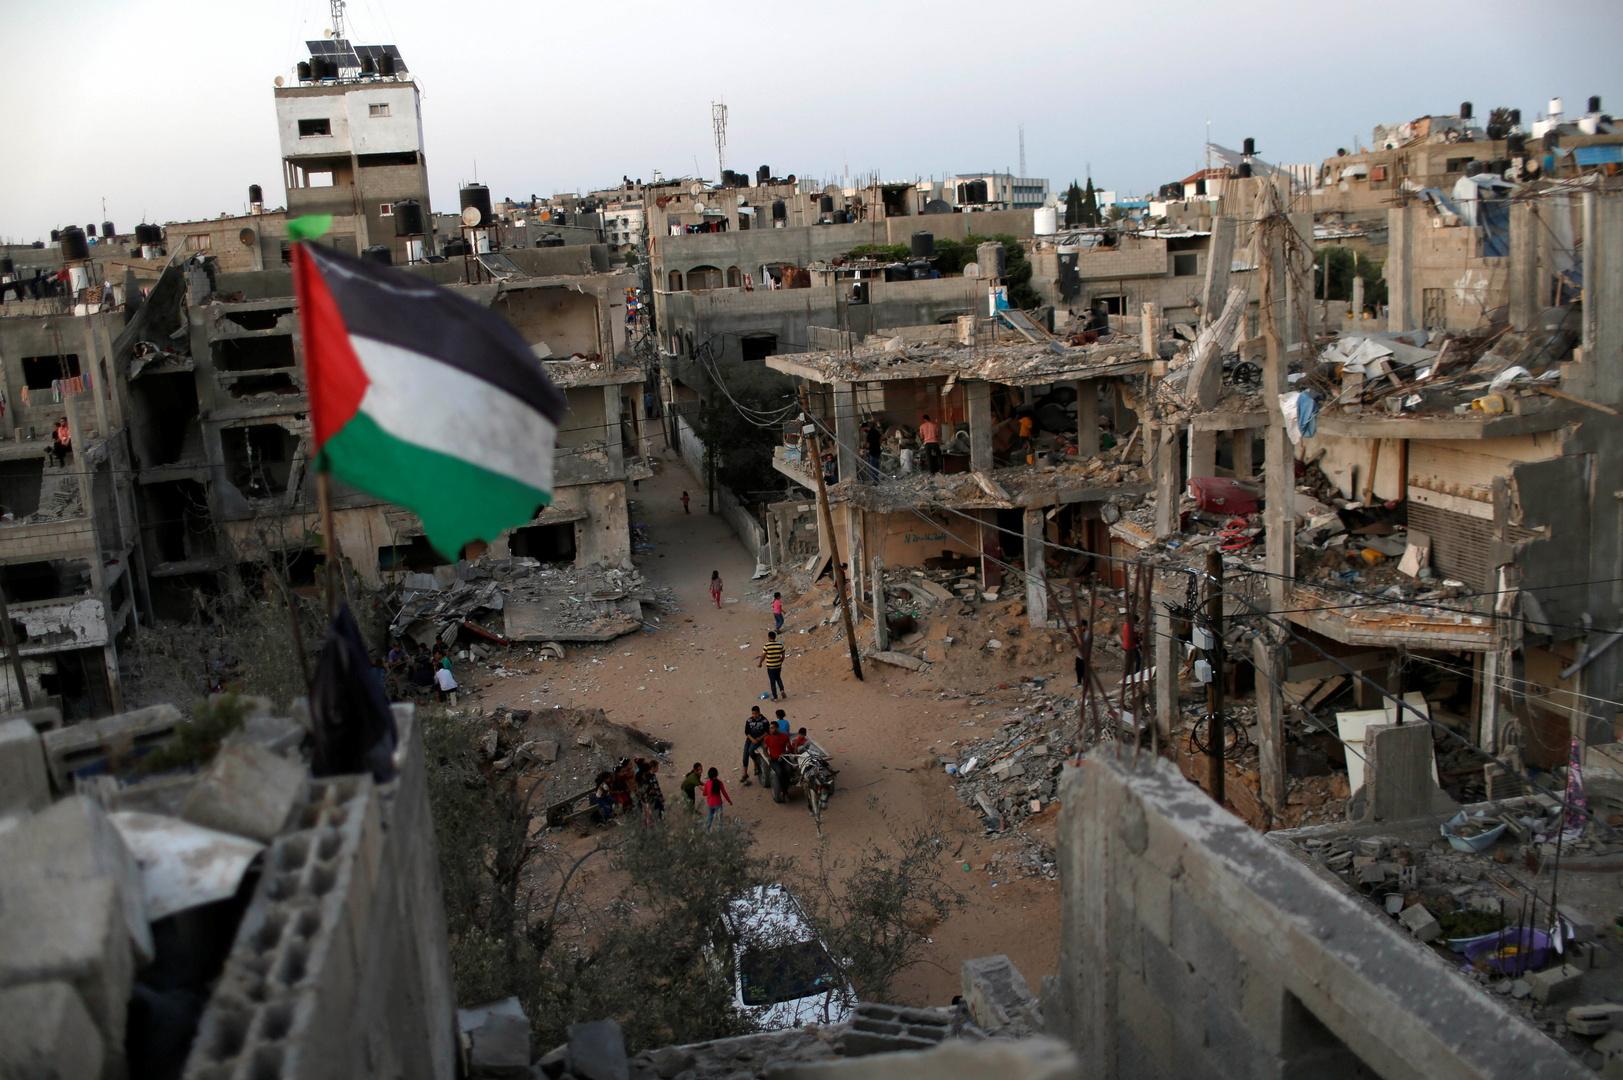 إعلام فلسطيني: الأمم المتحدة وافقت على تولي عملية صرف المنحة القطرية في غزة